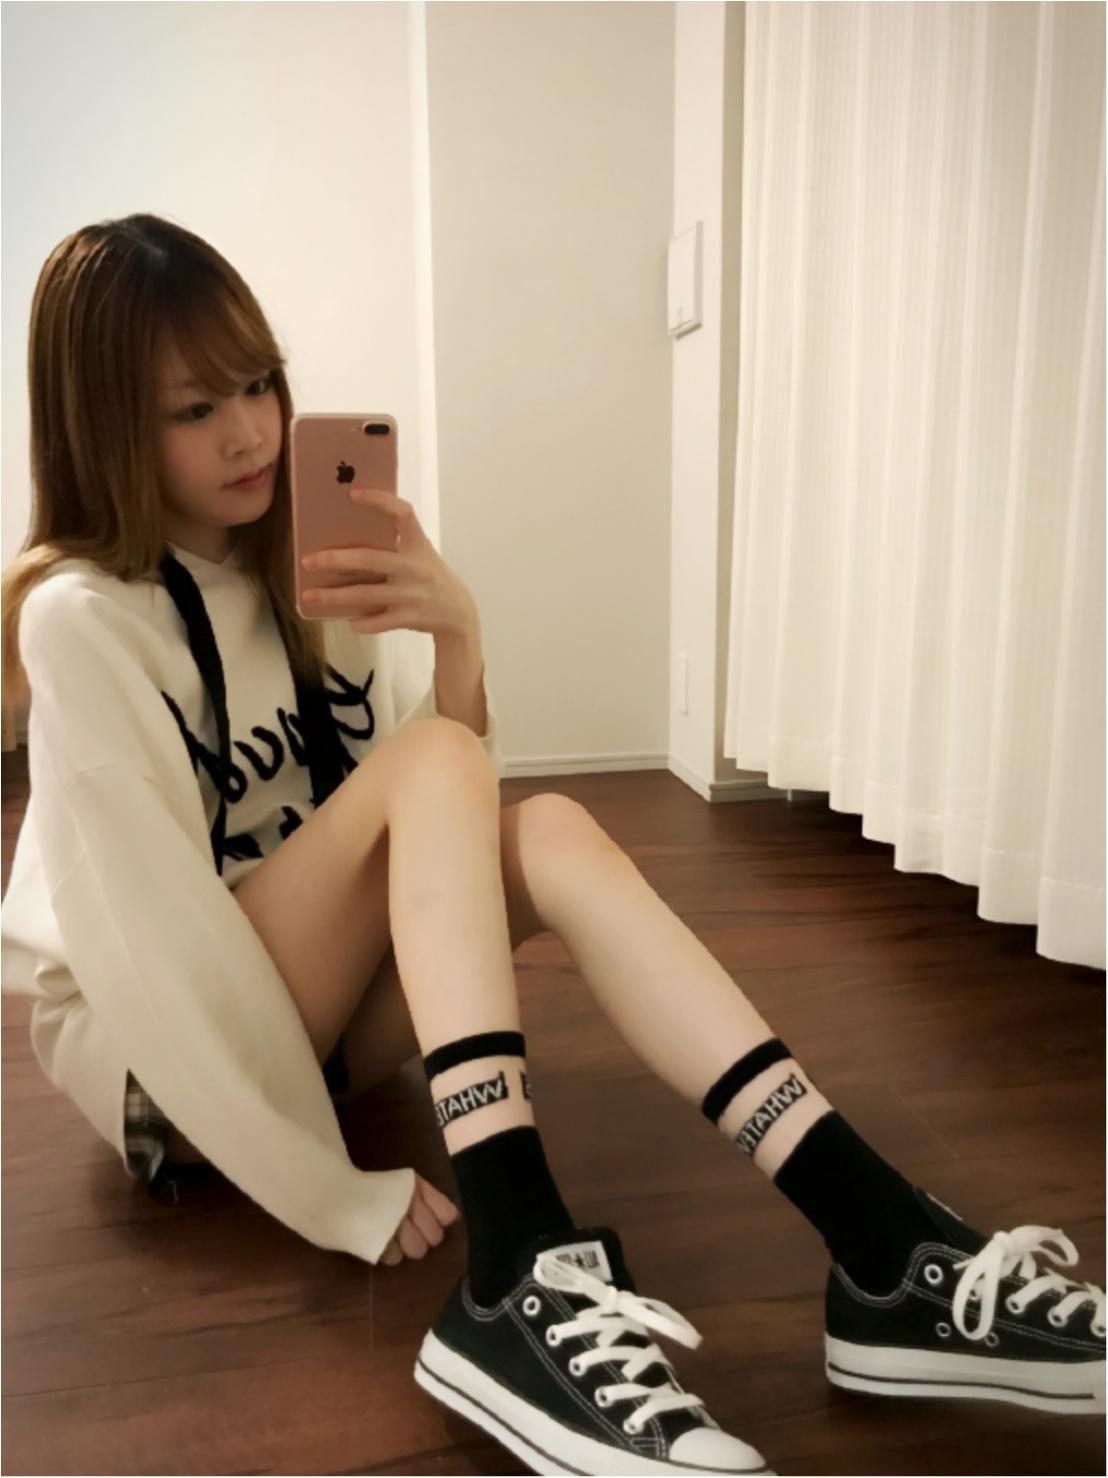 最近気になる【韓国ファッション】一枚の服で女の子バージョン&男の子バージョン!_1